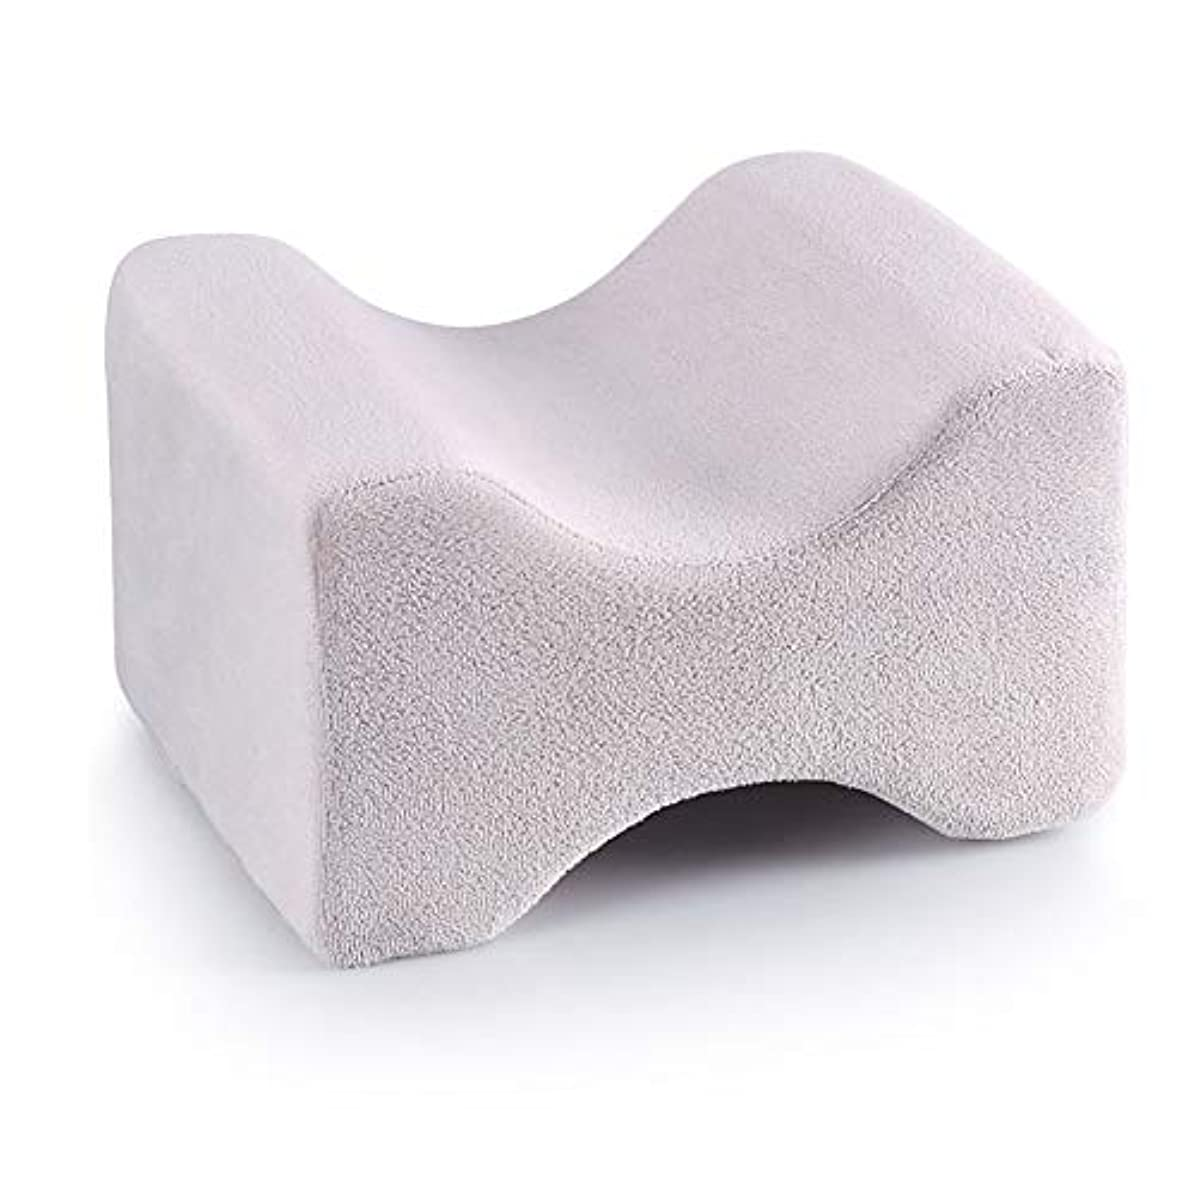 レッスン帽子製造業3パック整形外科用膝枕用リリーフ、取り外し可能な洗えるカバー、低反発ウェッジの輪郭を促し、睡眠を促進し、血液循環を改善